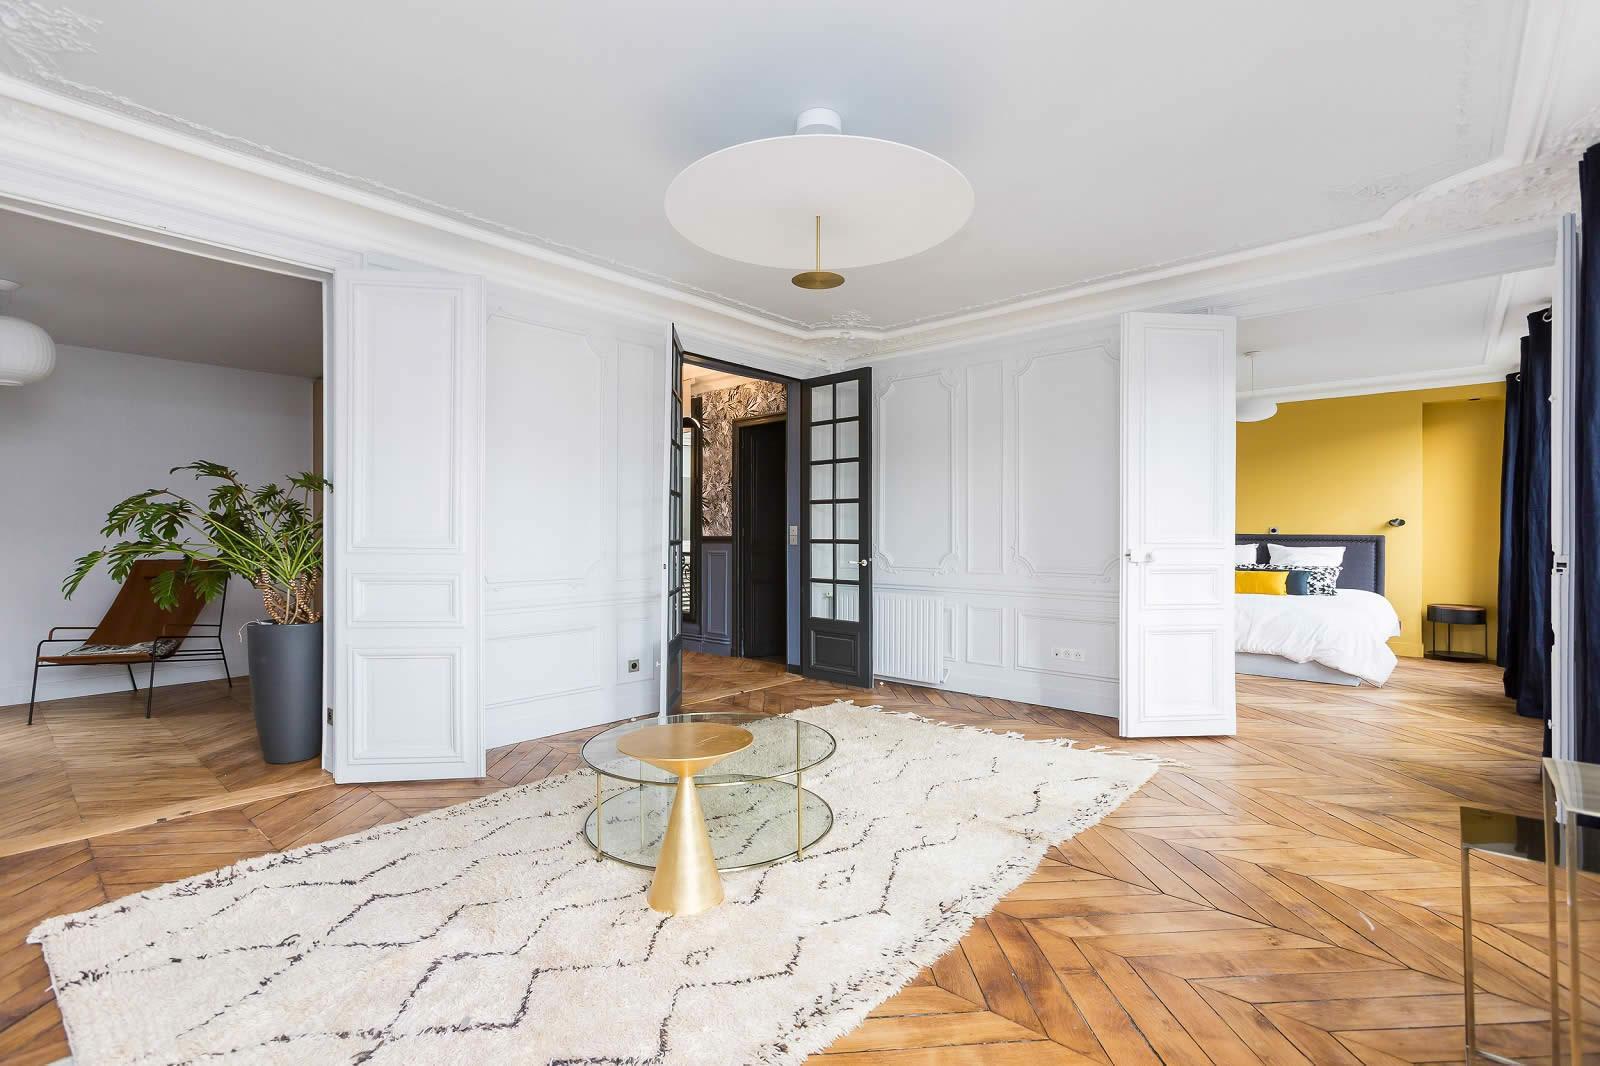 appartement-luxe-a-vendre-saint-germain-des-pres-moderne-design-double-exposition